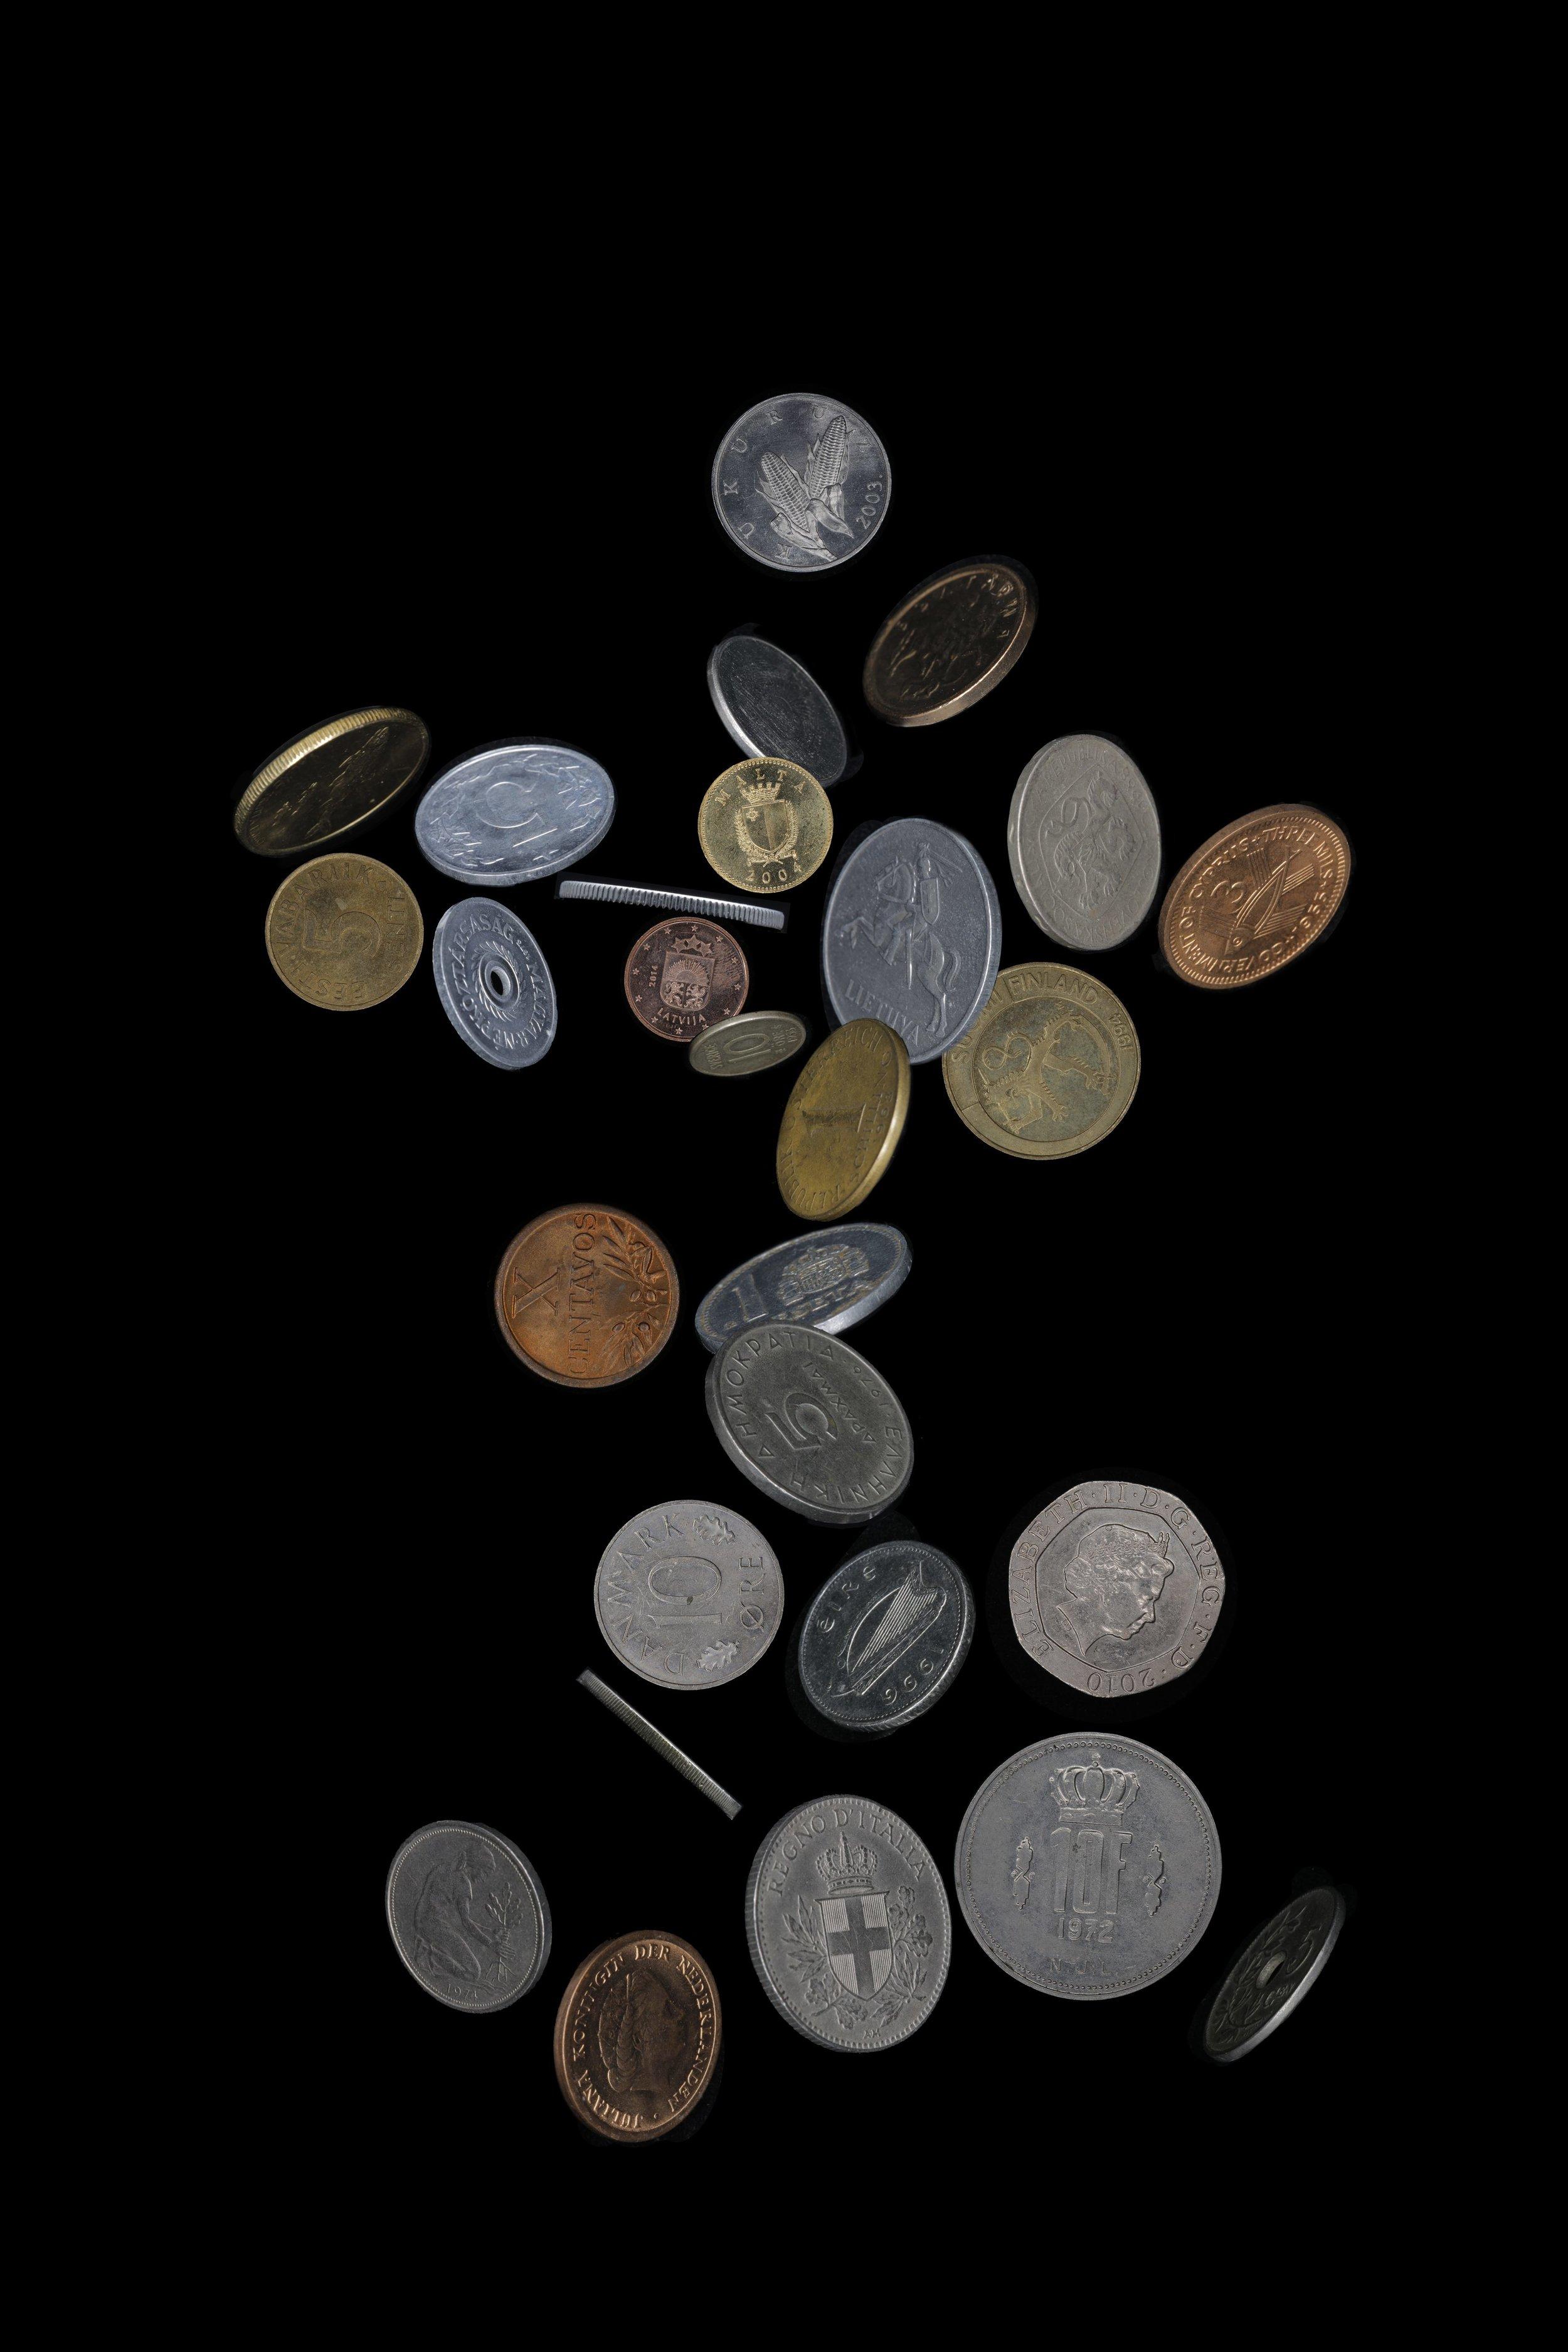 邵睿璐,《20国集团的姿态》,选自《抽象物的形状》系列,2016-2018年。数码微喷,80 x 120 cm图片由艺术家提供。